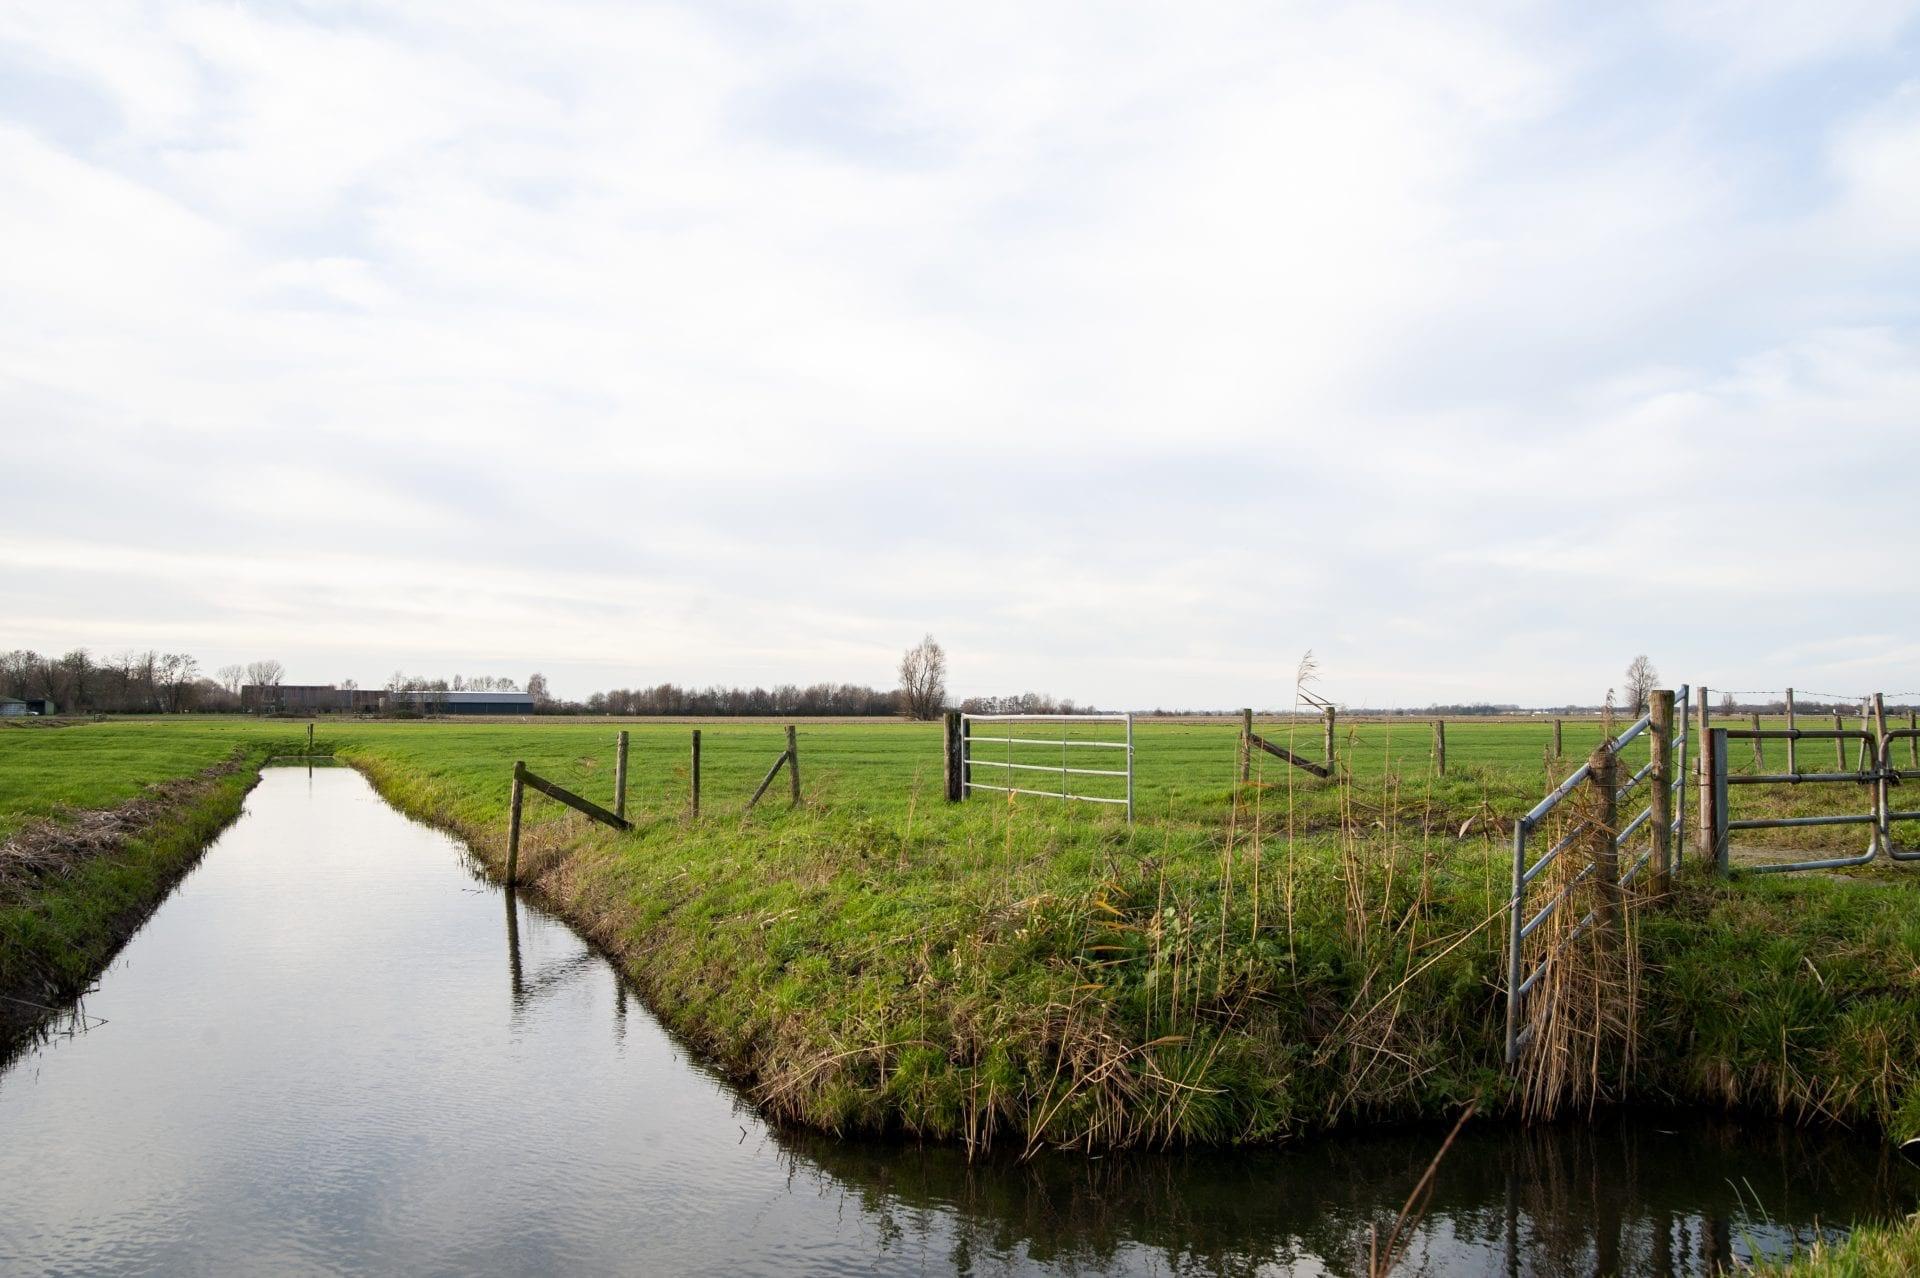 Er is goedkeuring; plan voor windmolens en zonnevelden Rijnenburg kan verder worden uitgewerkt - De Utrechtse Internet Courant